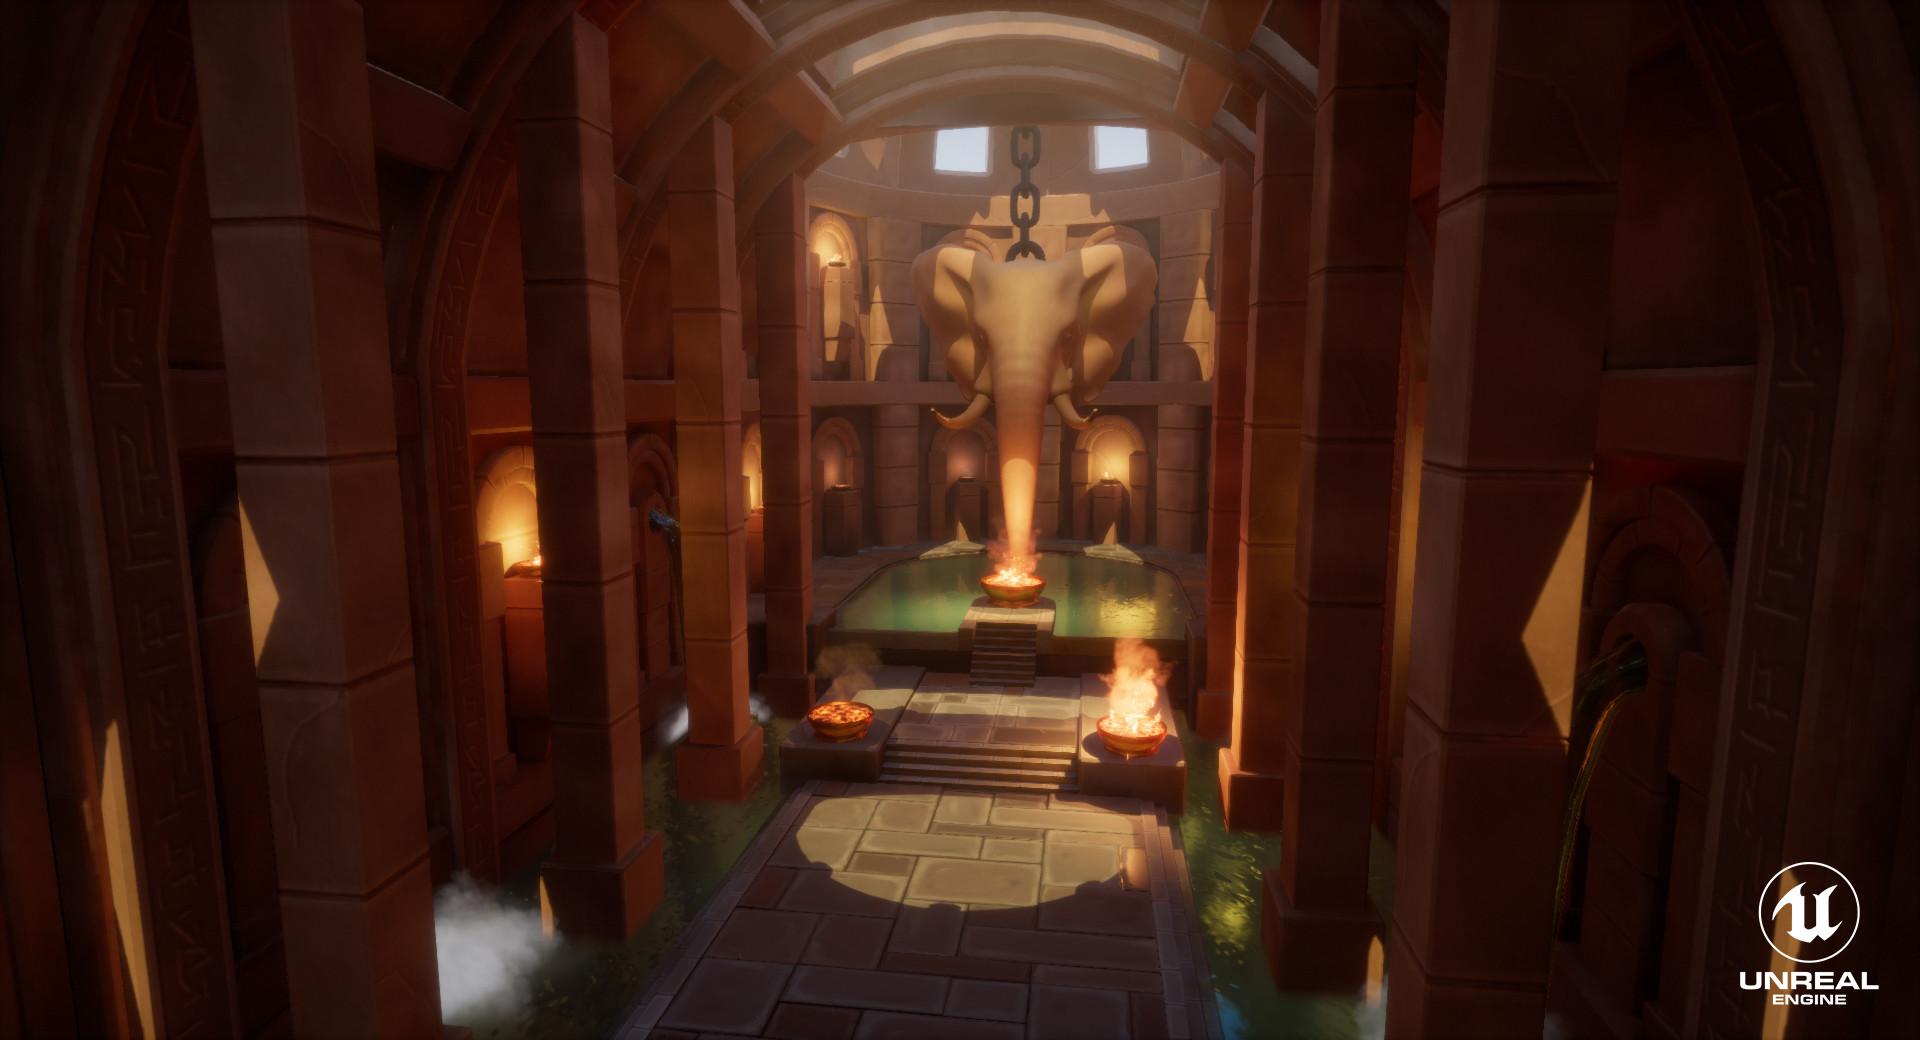 Nicolas crevier crevier nicolas temple 02